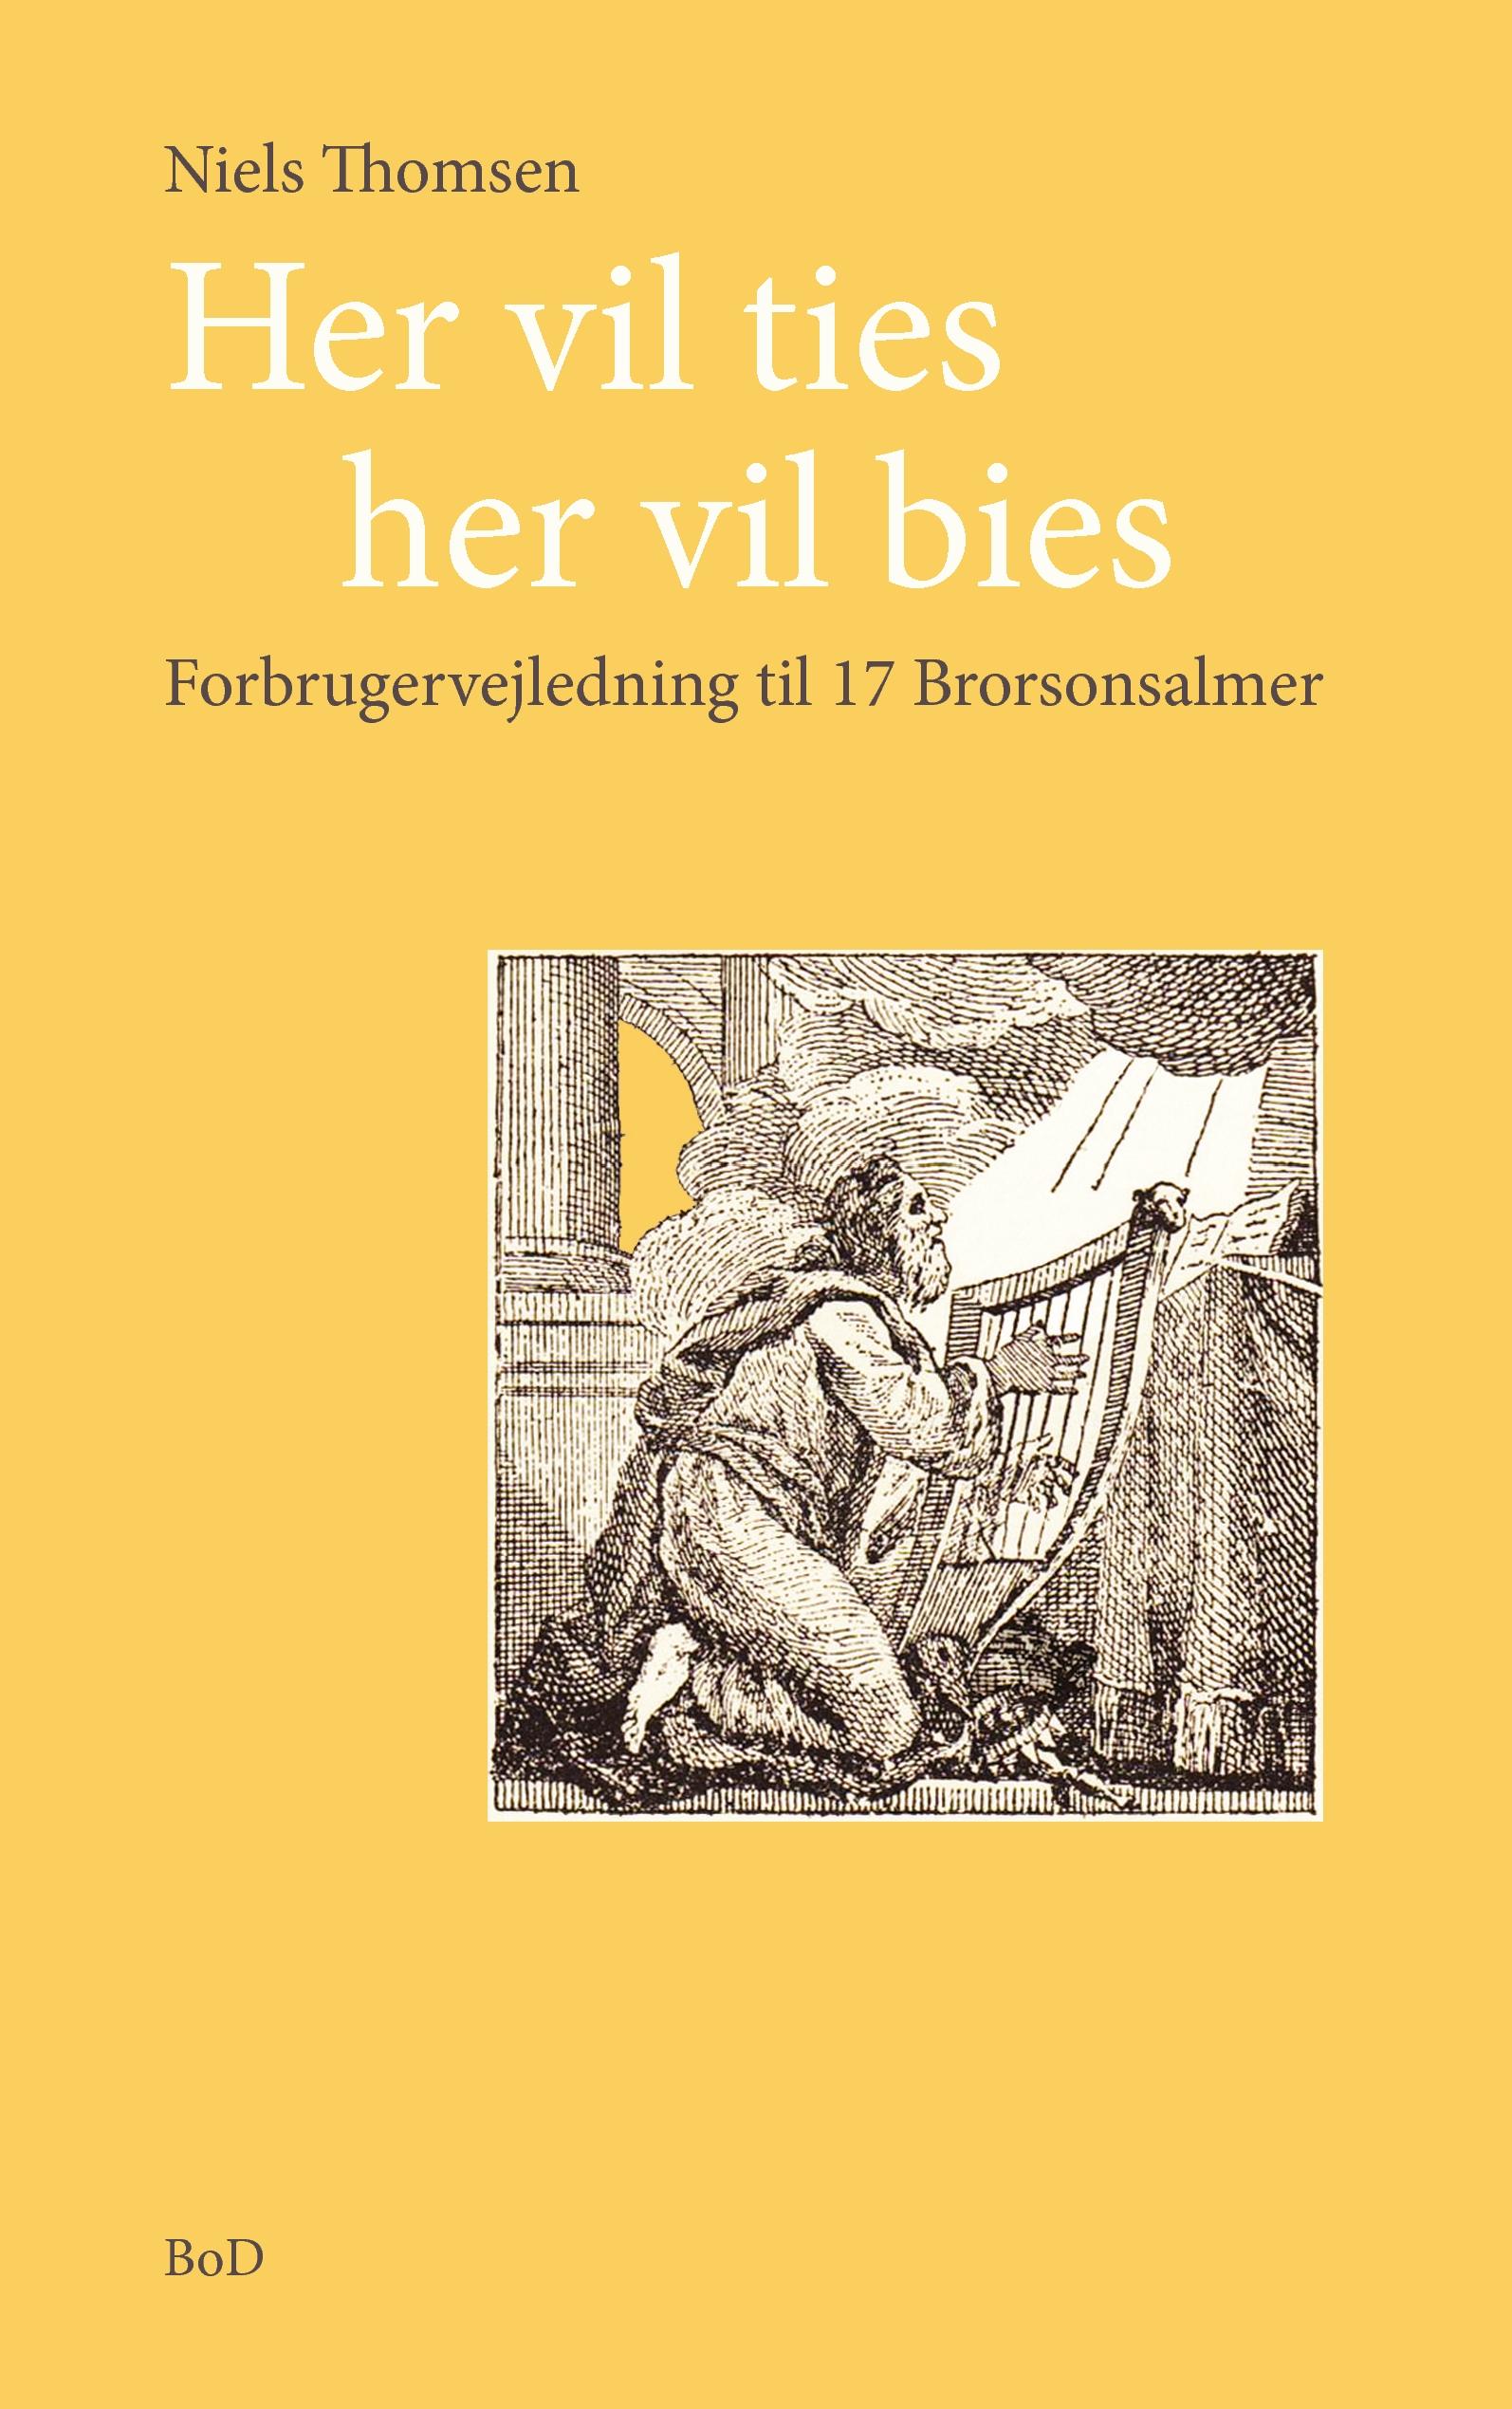 Her vil ties, her vil bies - e-bog fra N/A på bog & mystik